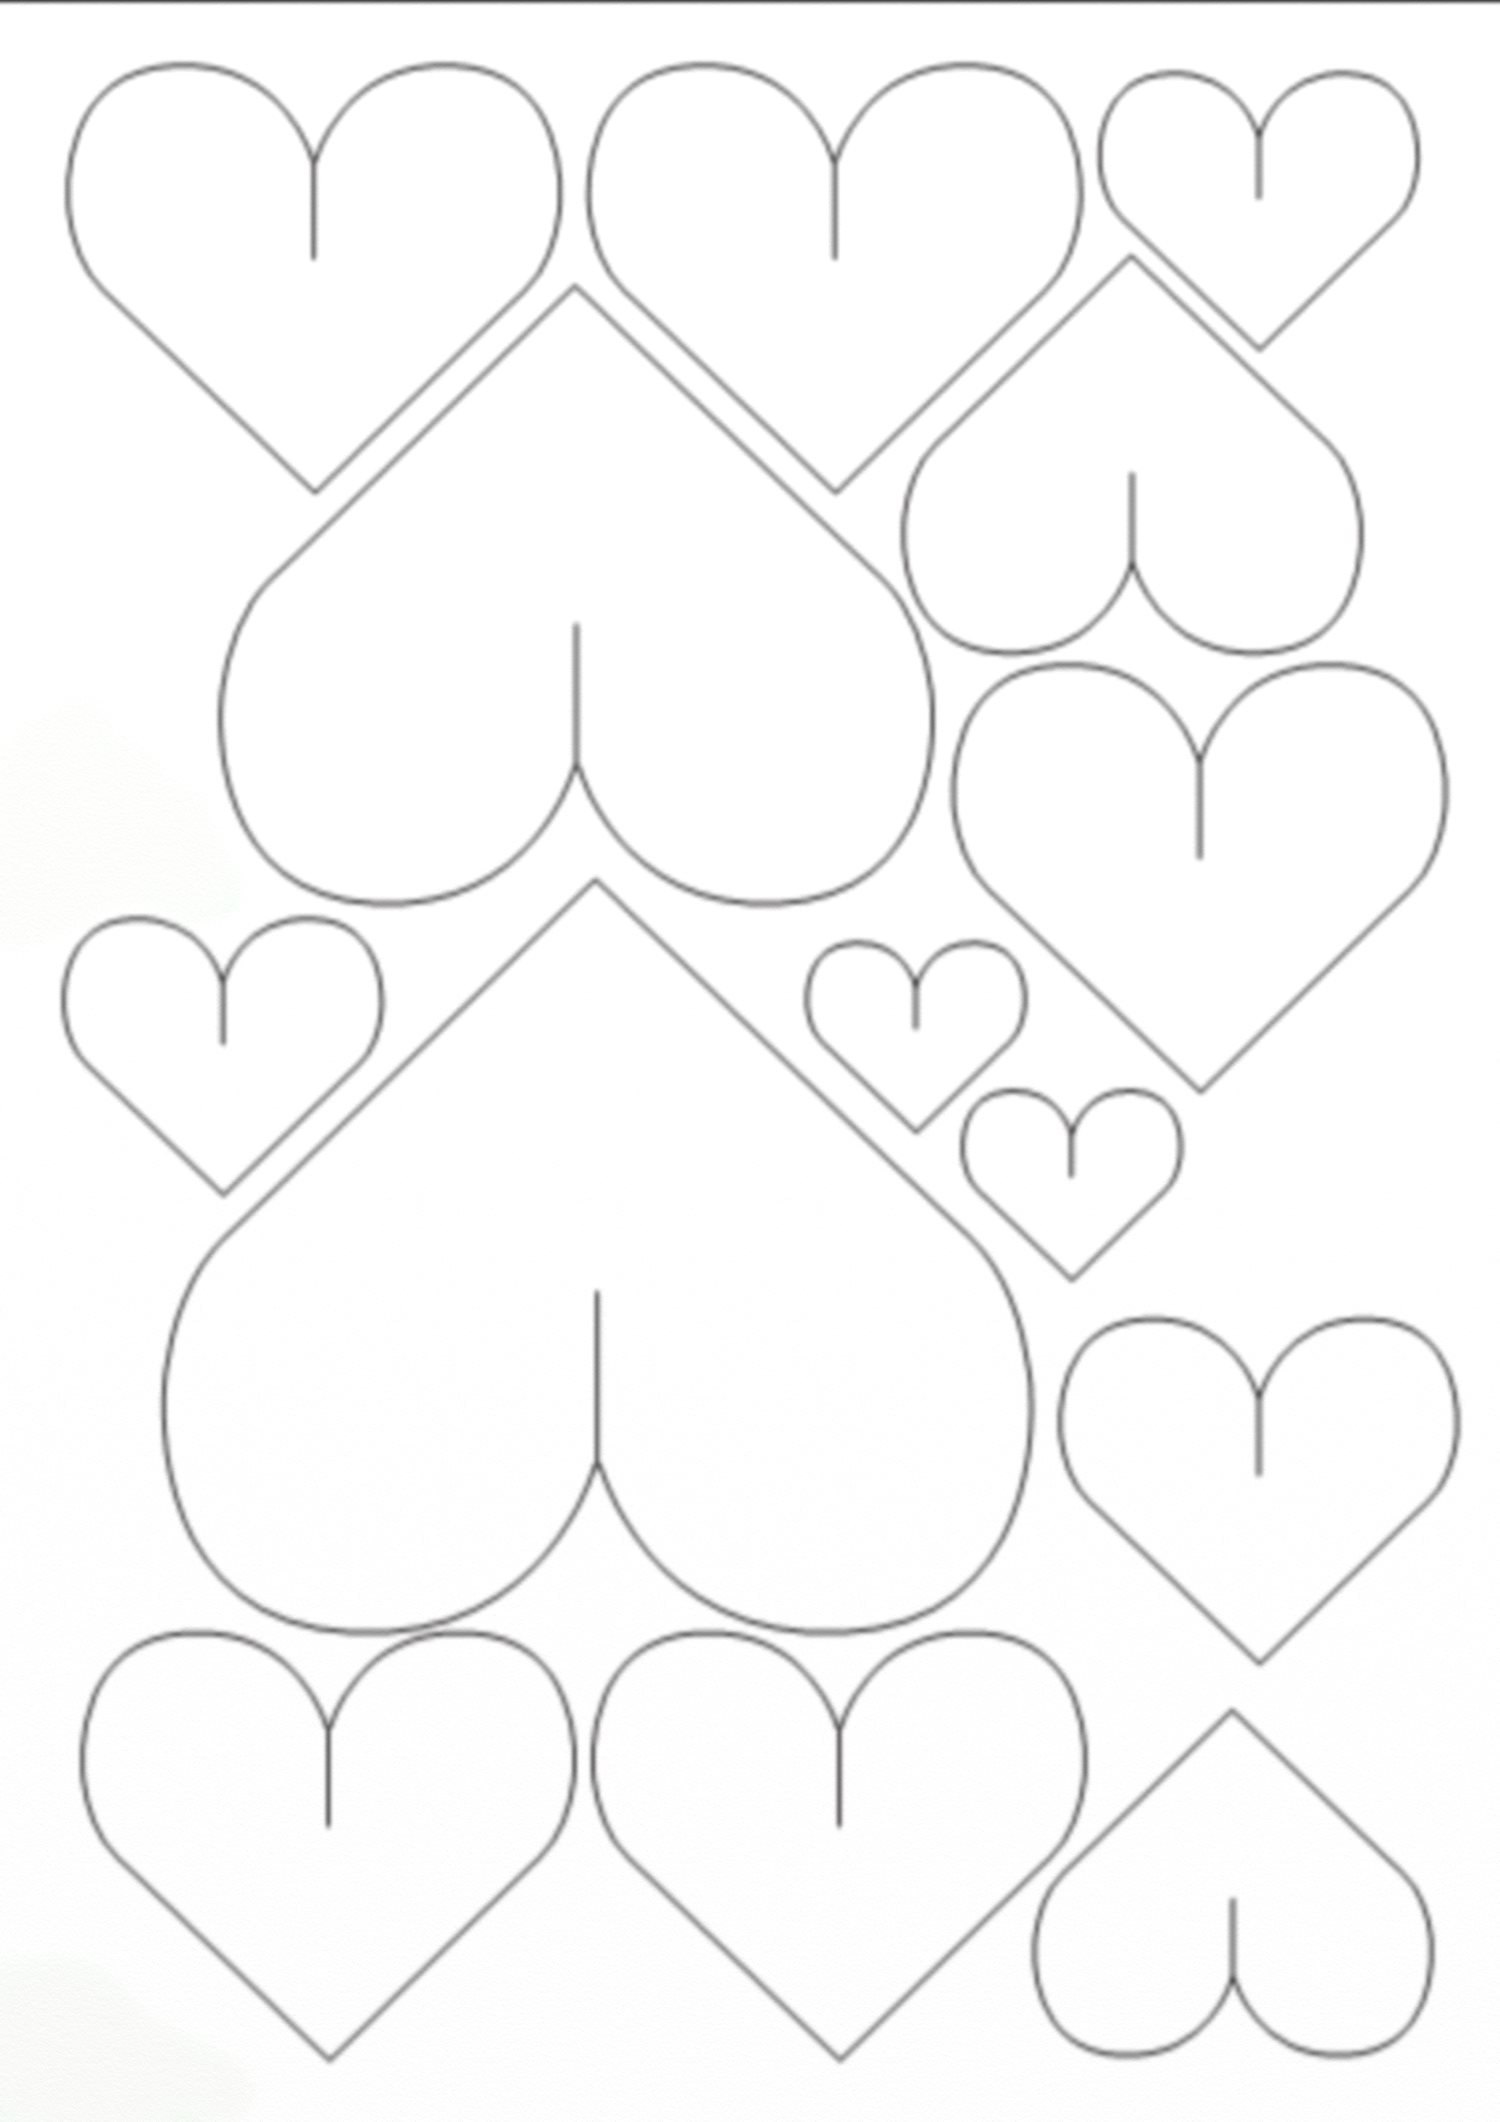 Объемные украшения из бумаги своими руками схемы шаблоны